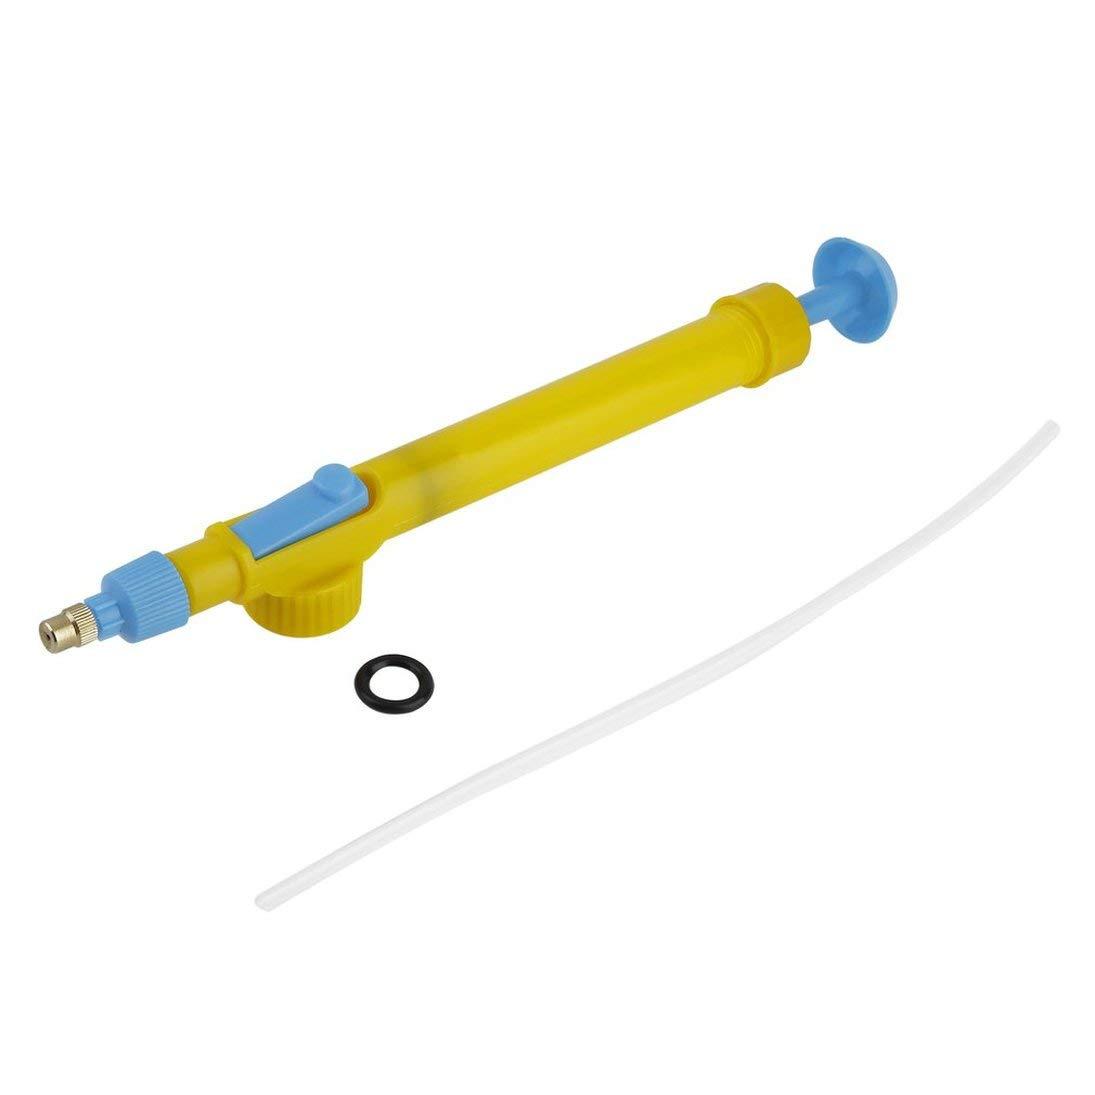 ToGames-IT Pressione dell'Acqua della Testa dello spruzzatore della Pistola del Carrello di plastica del Carrello delle Mini spremute